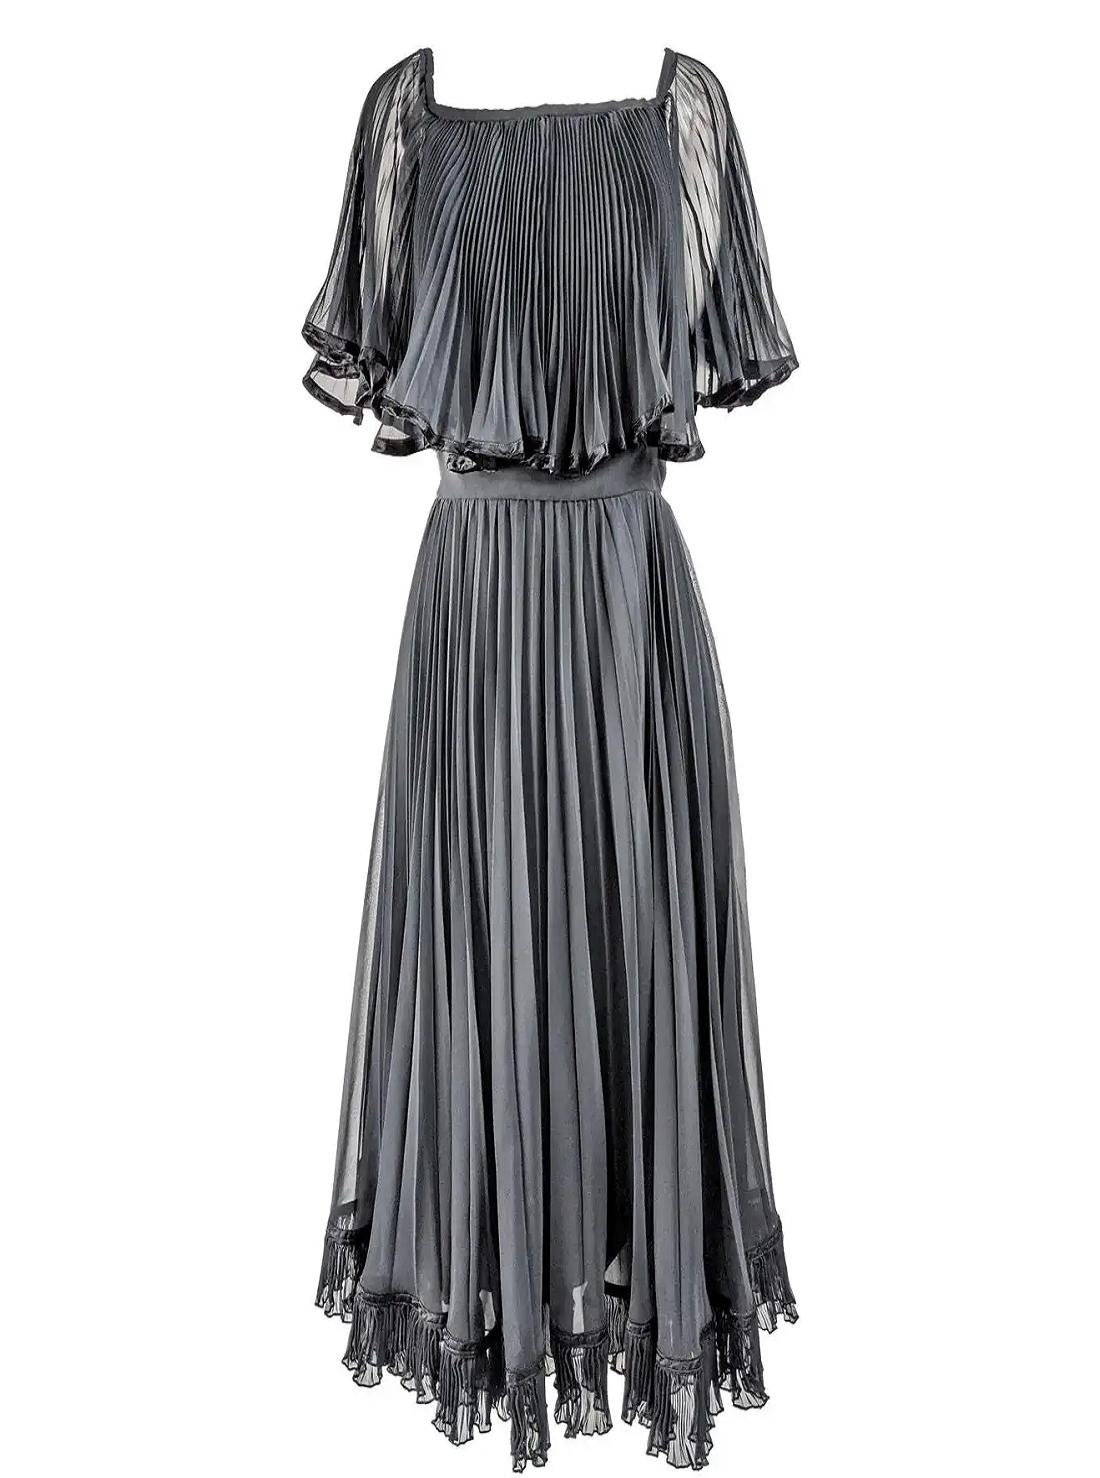 Wholesale Vintage Pleated Chiffon Dresses